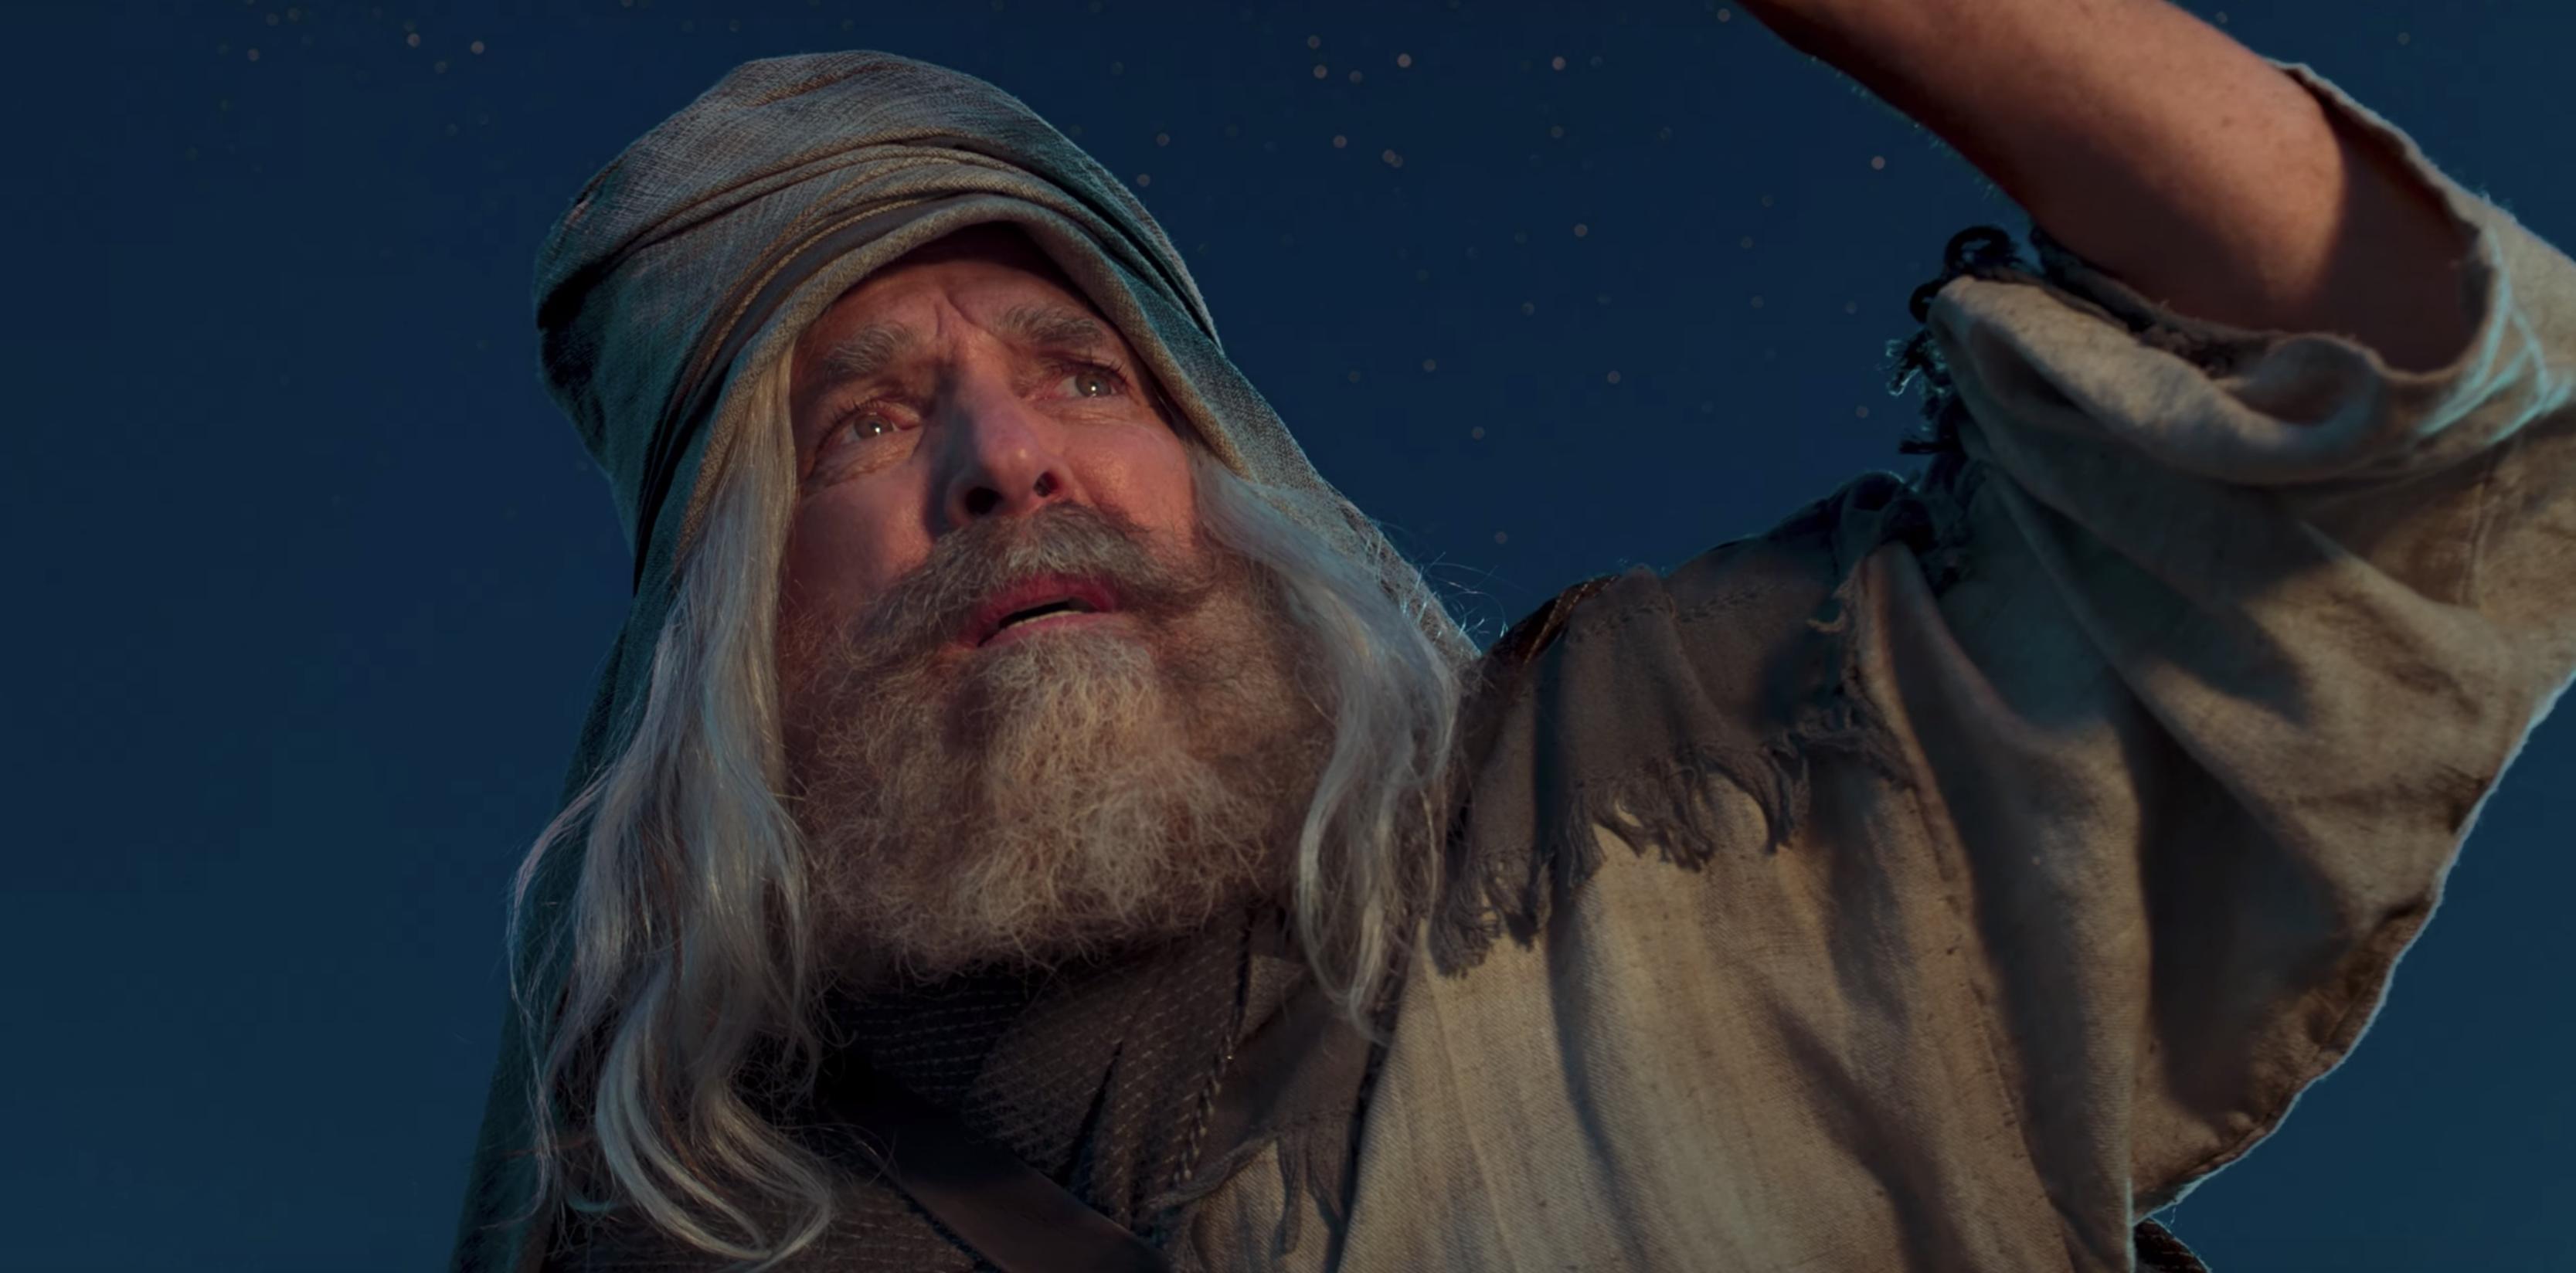 Un actor hace el papel del profeta Lehi en la serie de videos del Libro de Mormón.